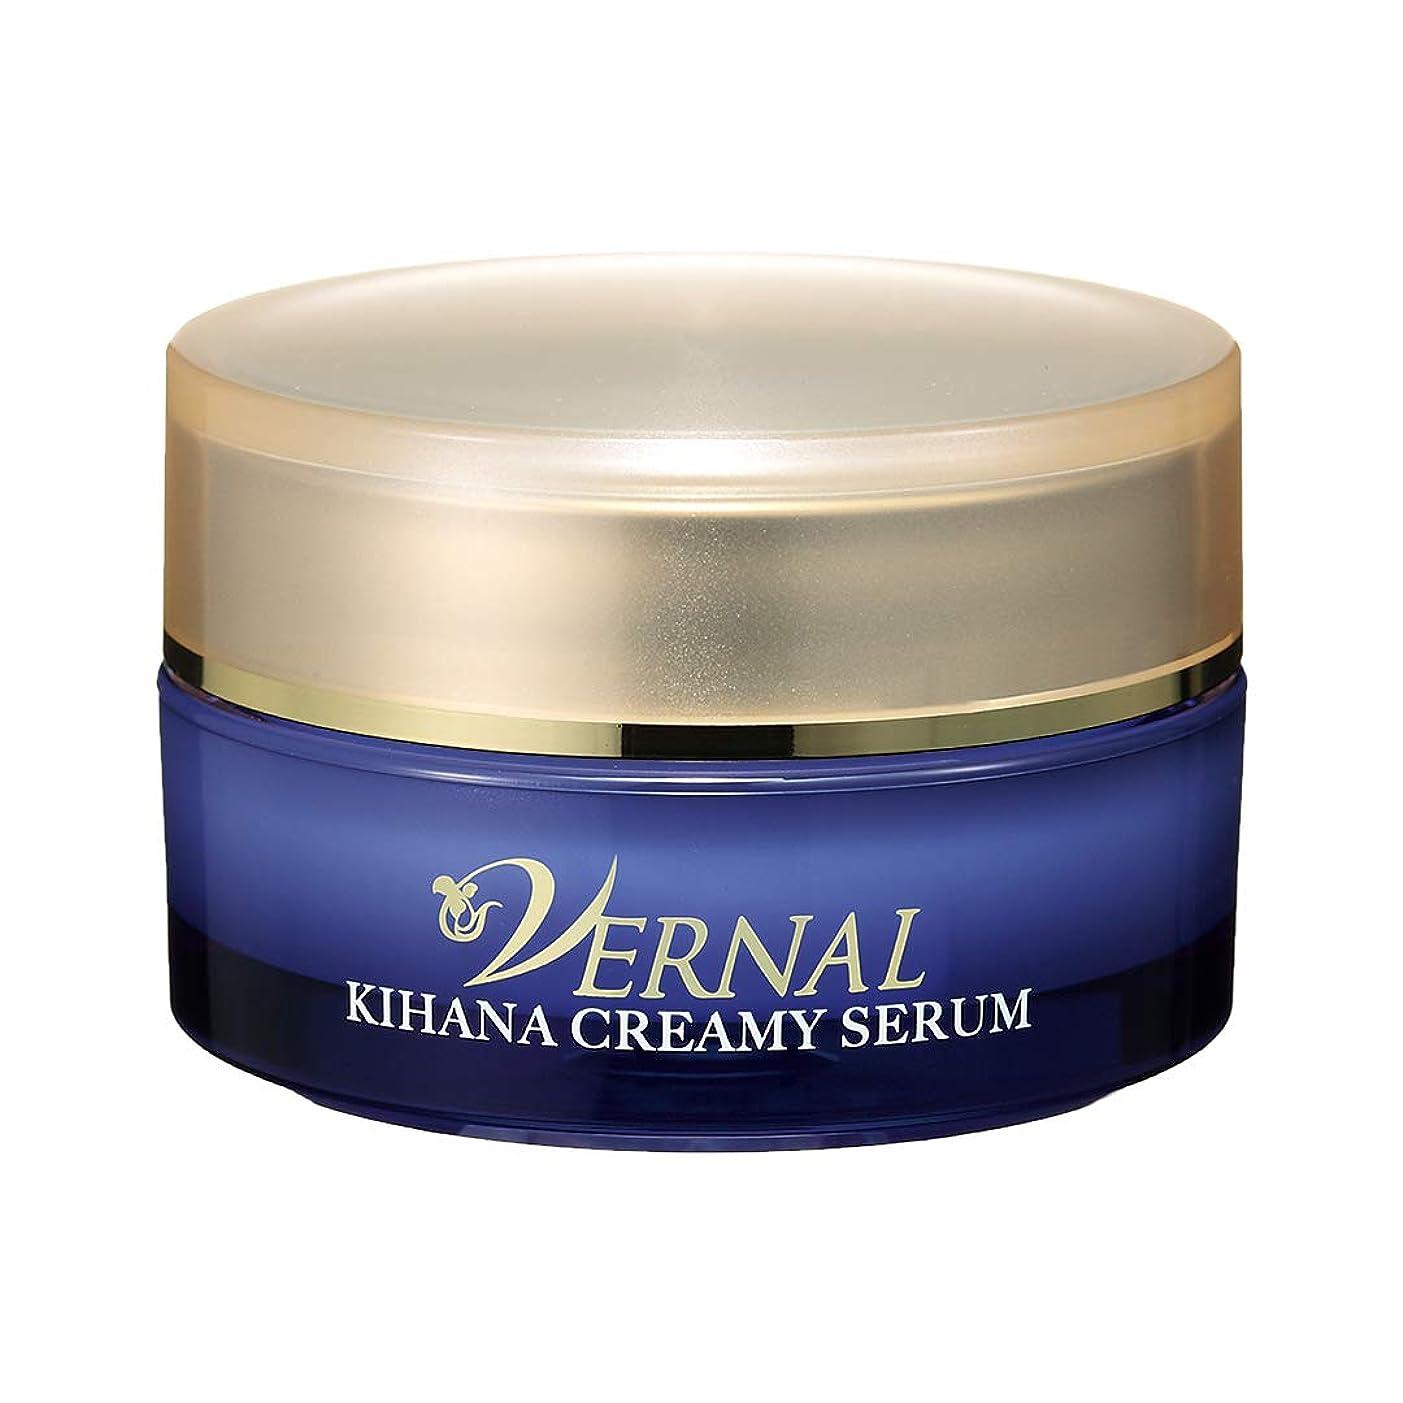 不利益興奮不平を言うキハナクリーミーセラム 30g/ヴァーナル 美容液 美容クリーム